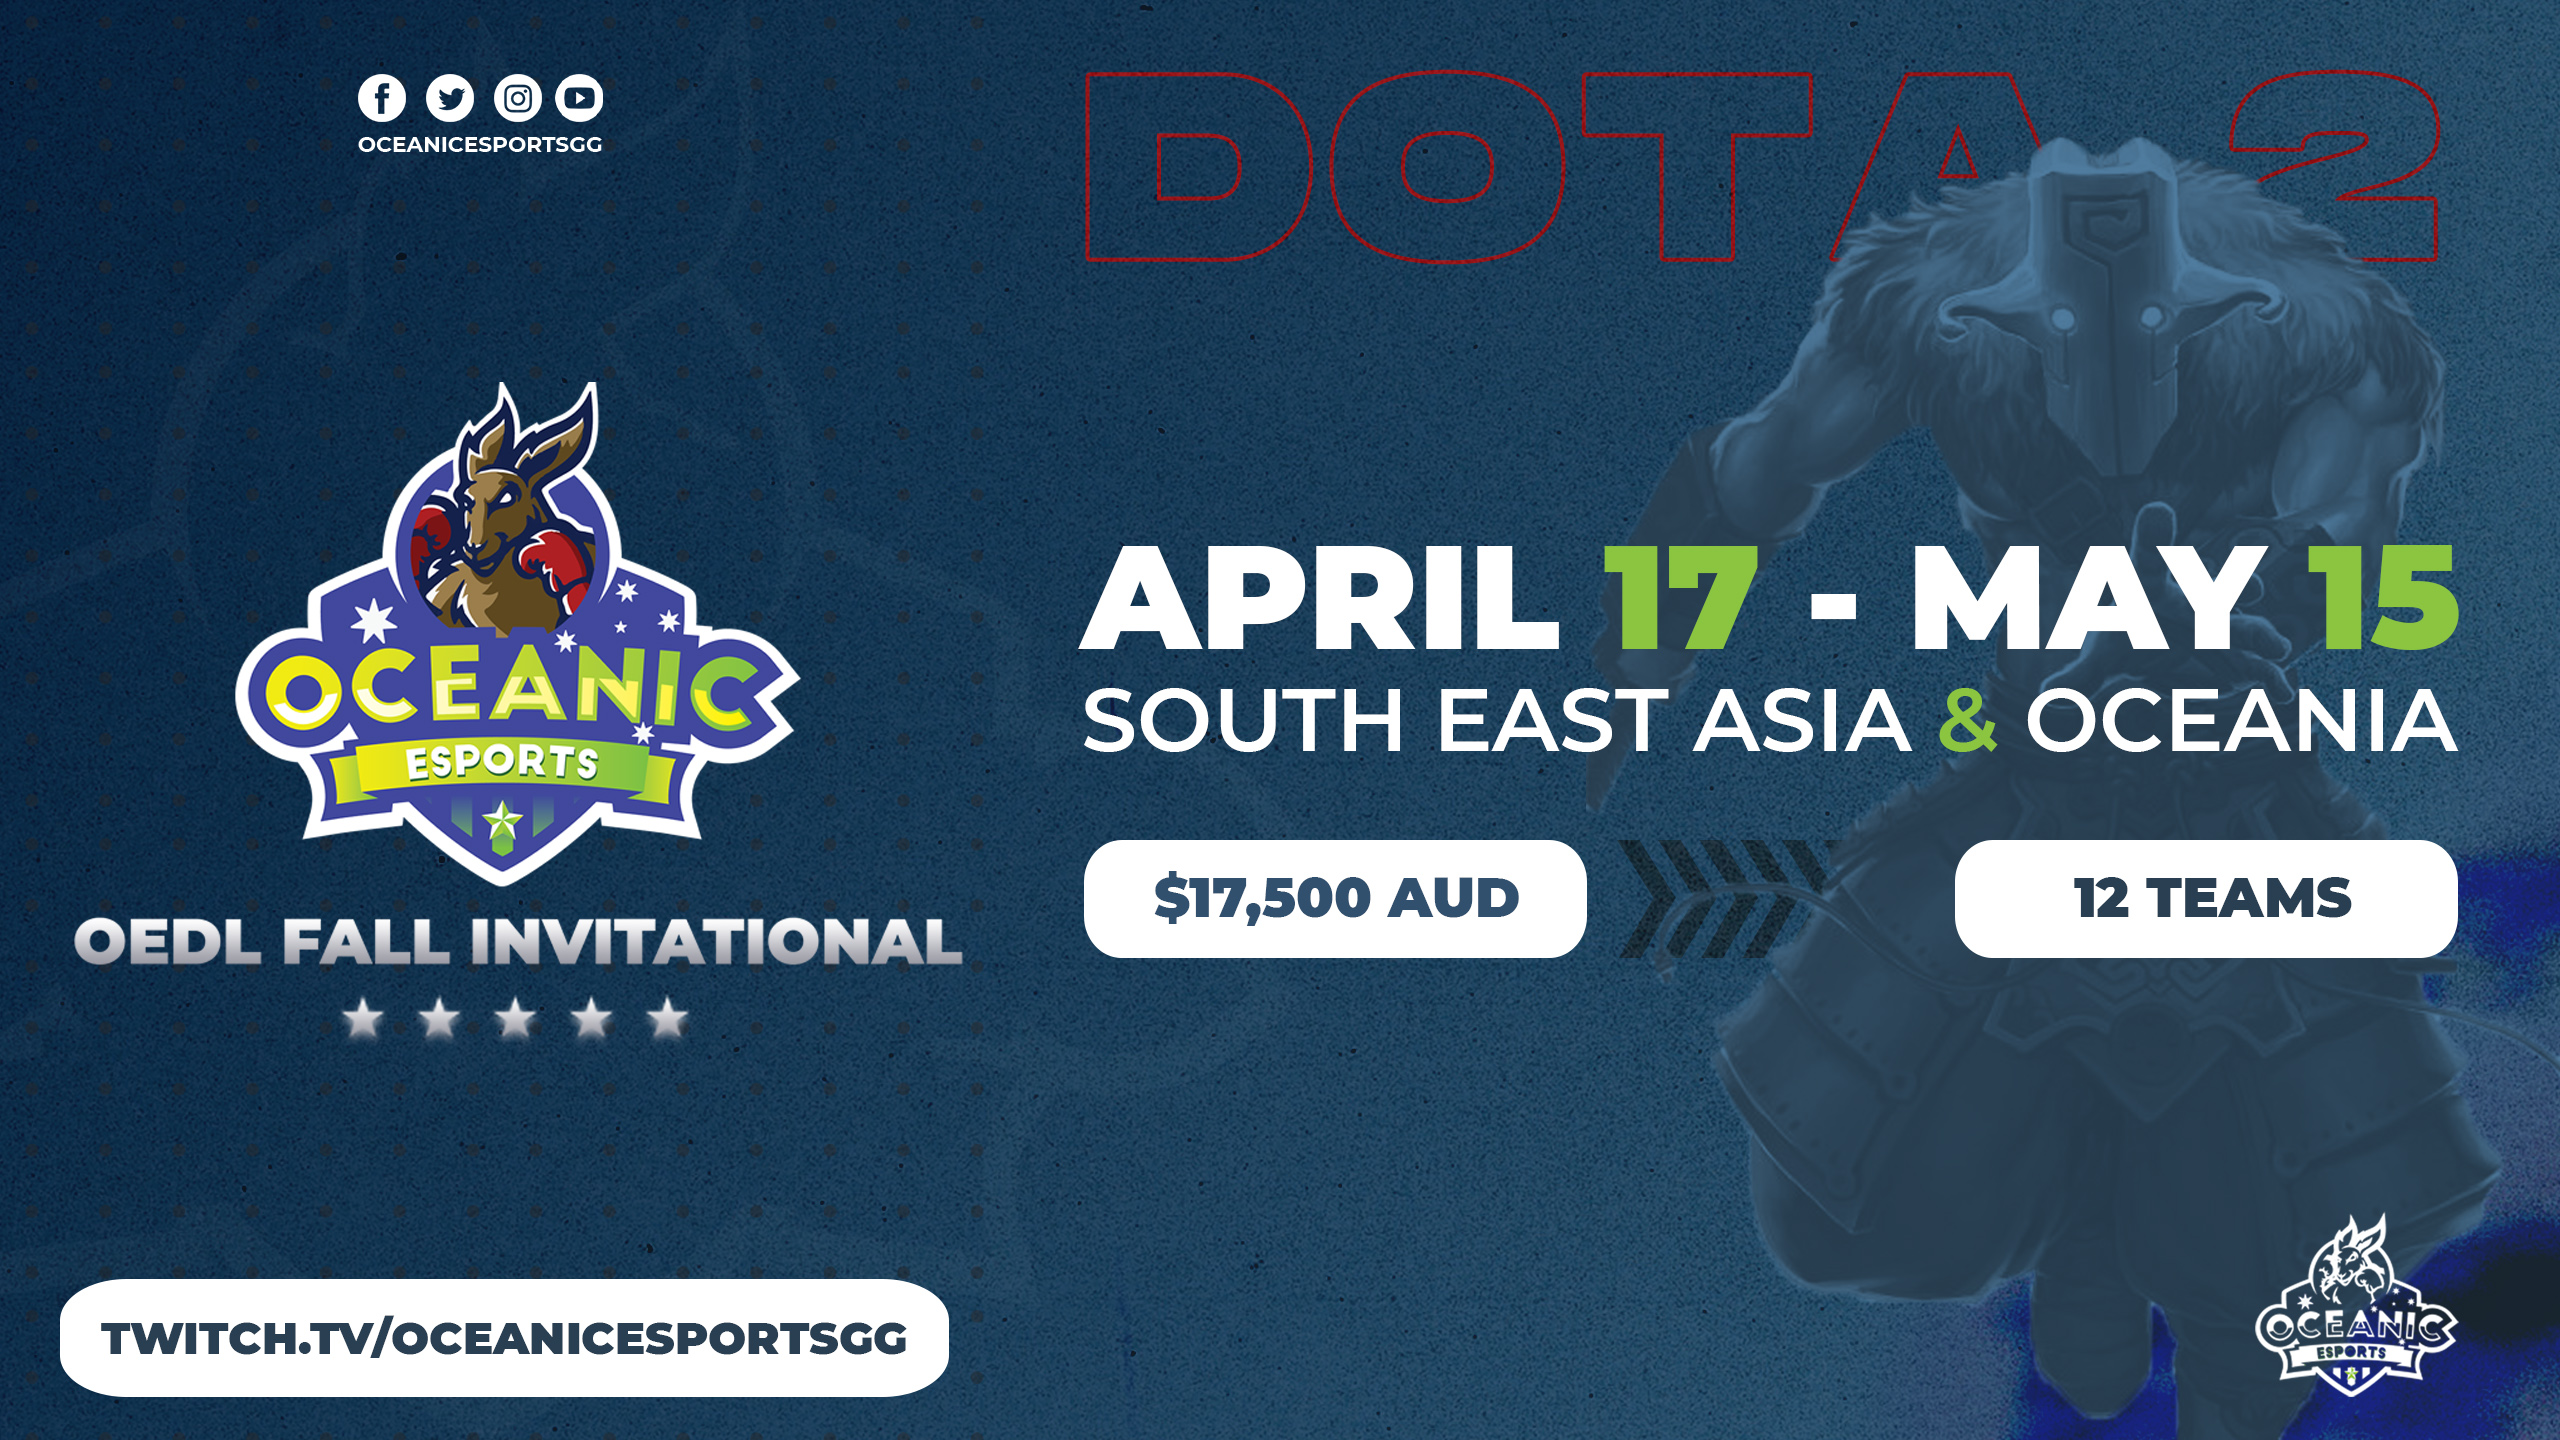 Oceanic Esports League Announces OEDL Fall Invitational